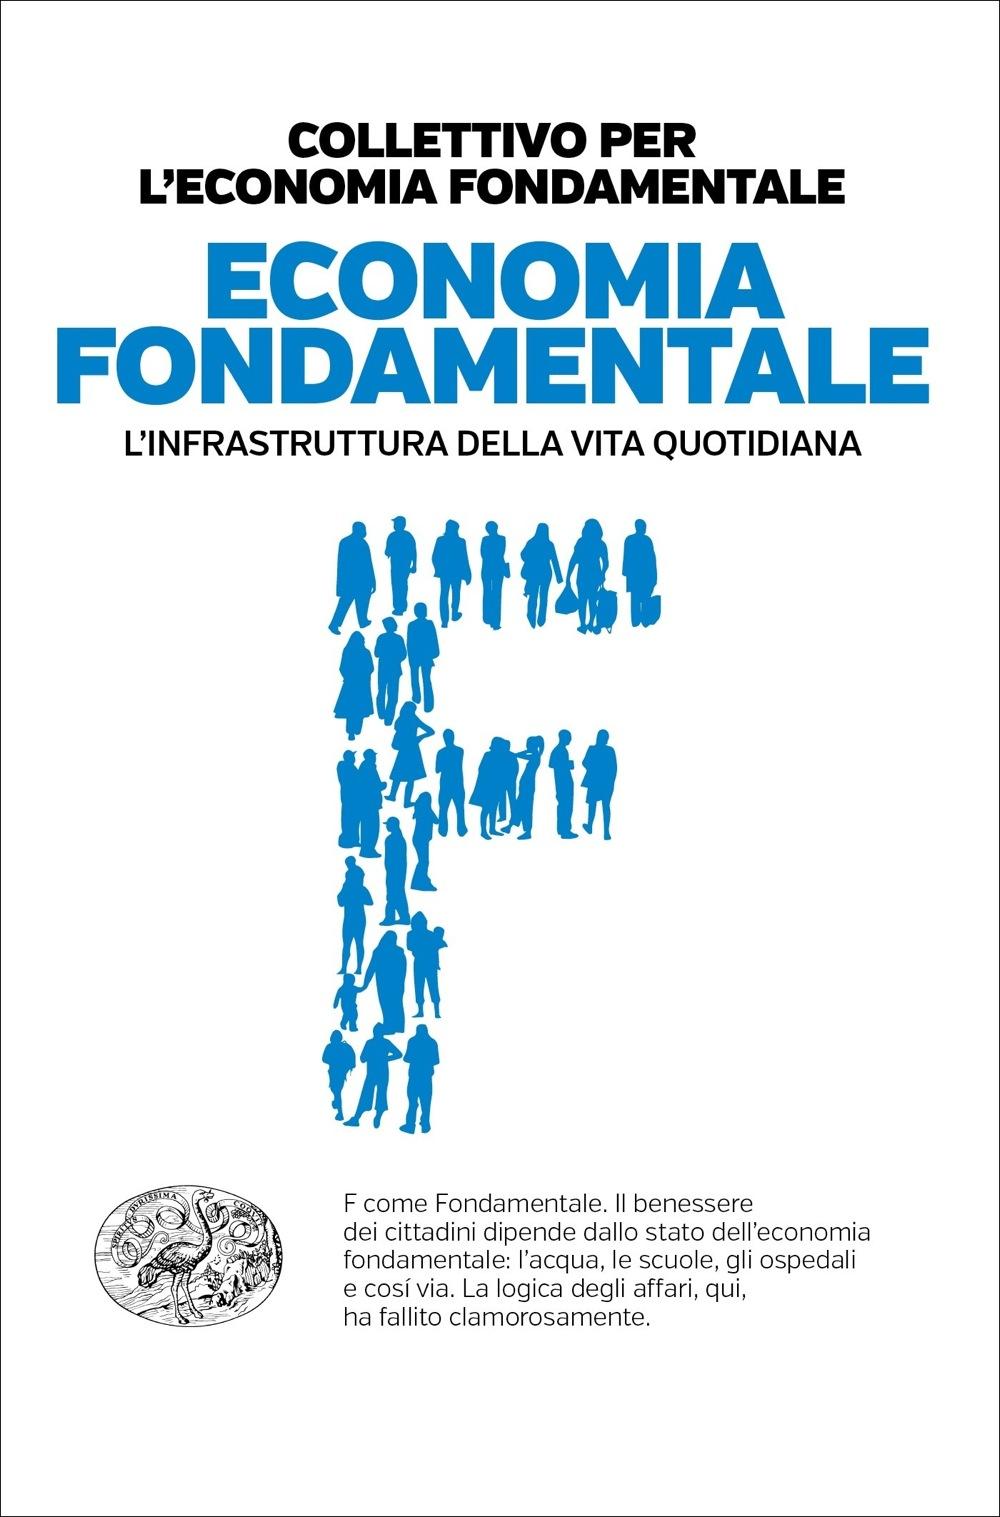 """Reddito, infrastrutture e reti di servizi di base universali per una """"vita buona"""" della comunità"""